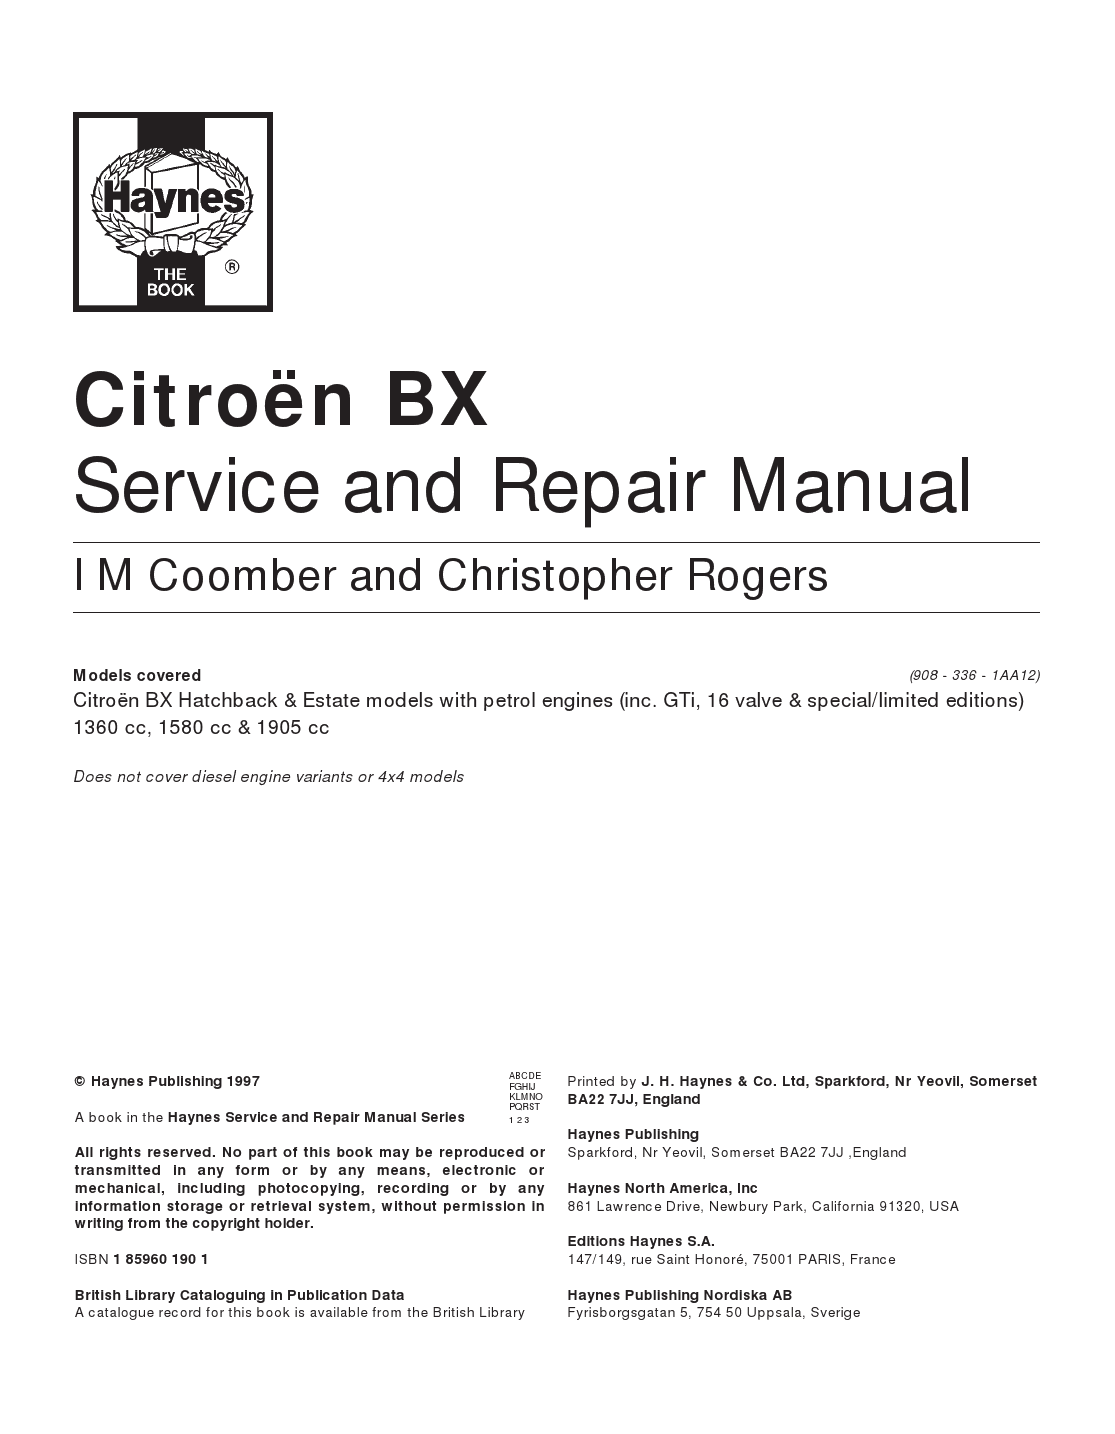 Citroen Manuals  Free Citro U00ebn Bx Service And Repair Manual Pdf